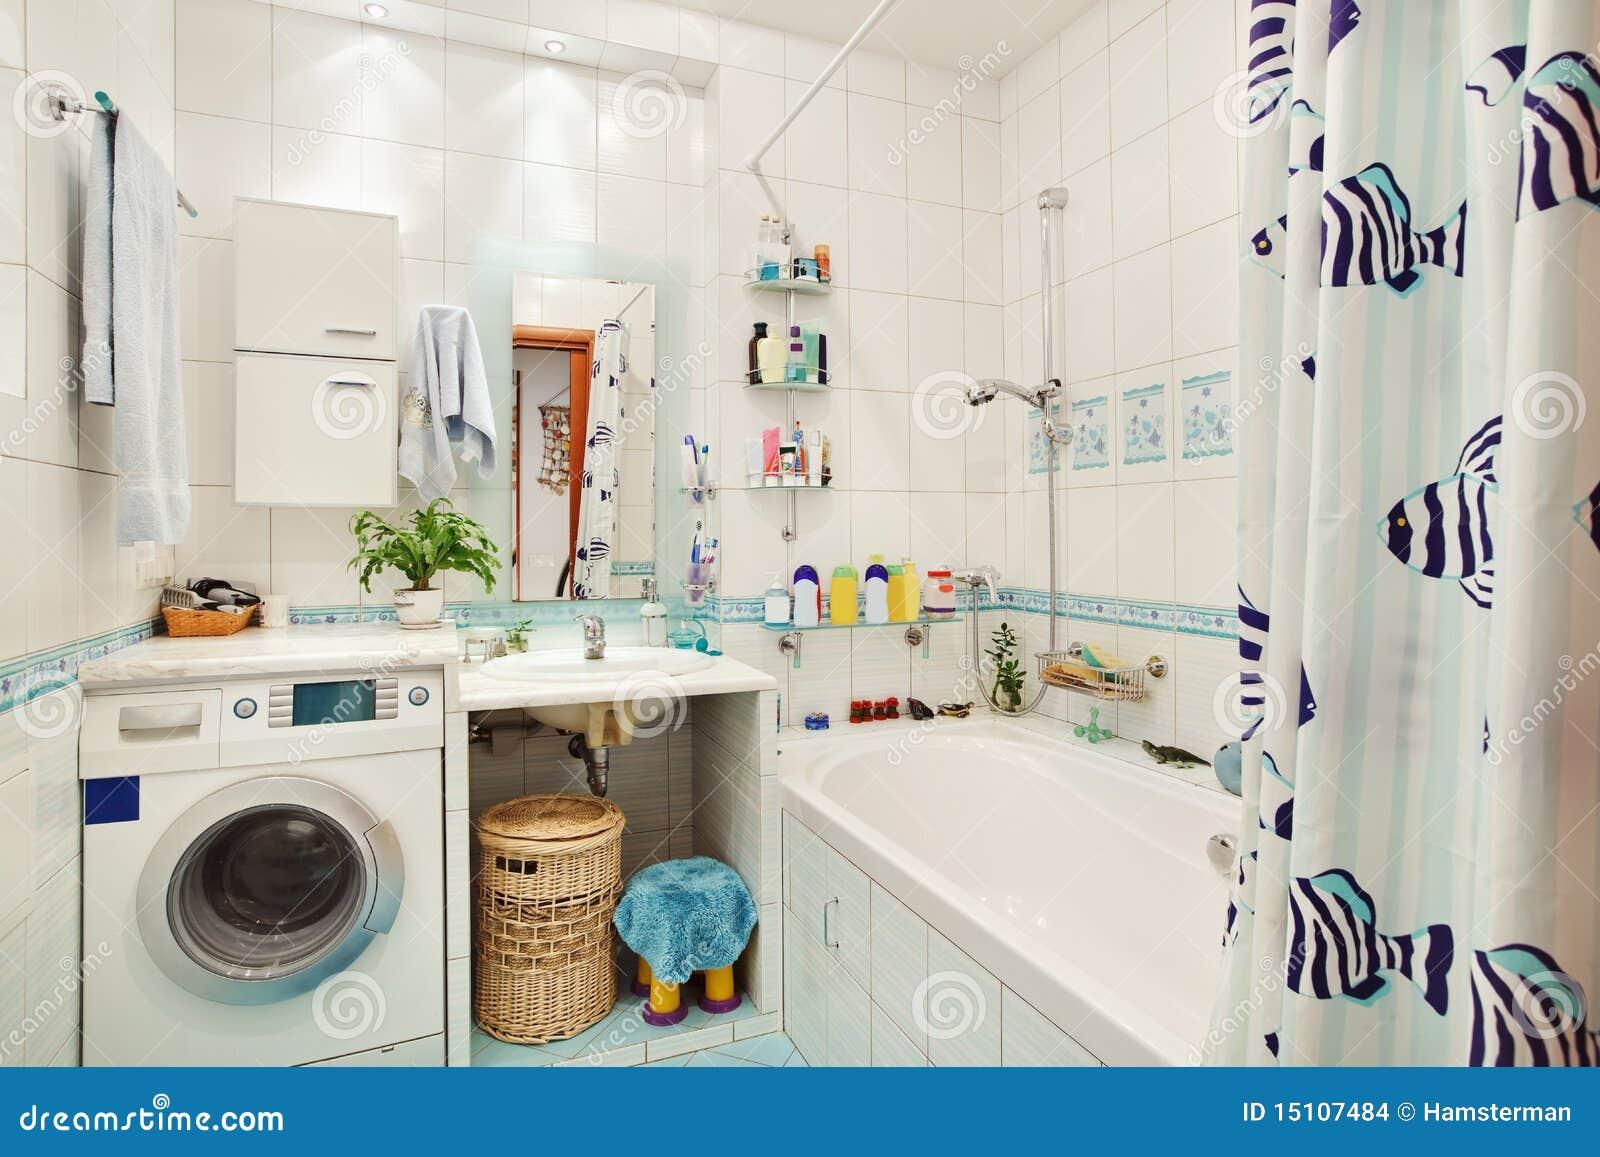 Cuarto De Baño Moderno Fotos:Imagenes de archivo: Pequeño cuarto de baño moderno en azul